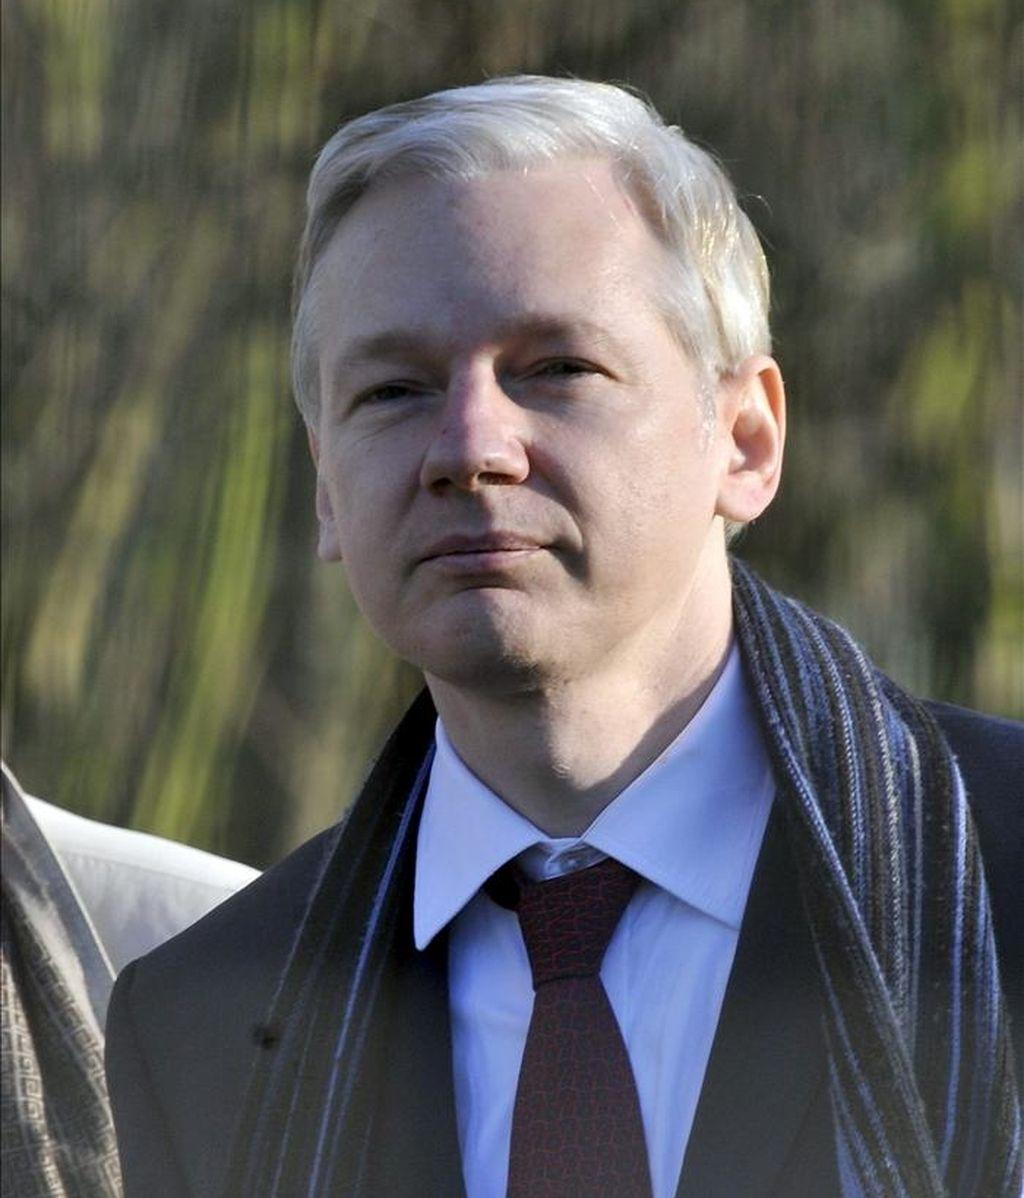 El futuro de Julian Assange (en la imagen), de 39 años, se decidirá el próximo 24 de febrero, después de que hoy se aplazara la fecha de la sentencia del proceso de extradición a Suecia para ser juzgado por sus presuntos delitos sexuales. EFE/Archivo